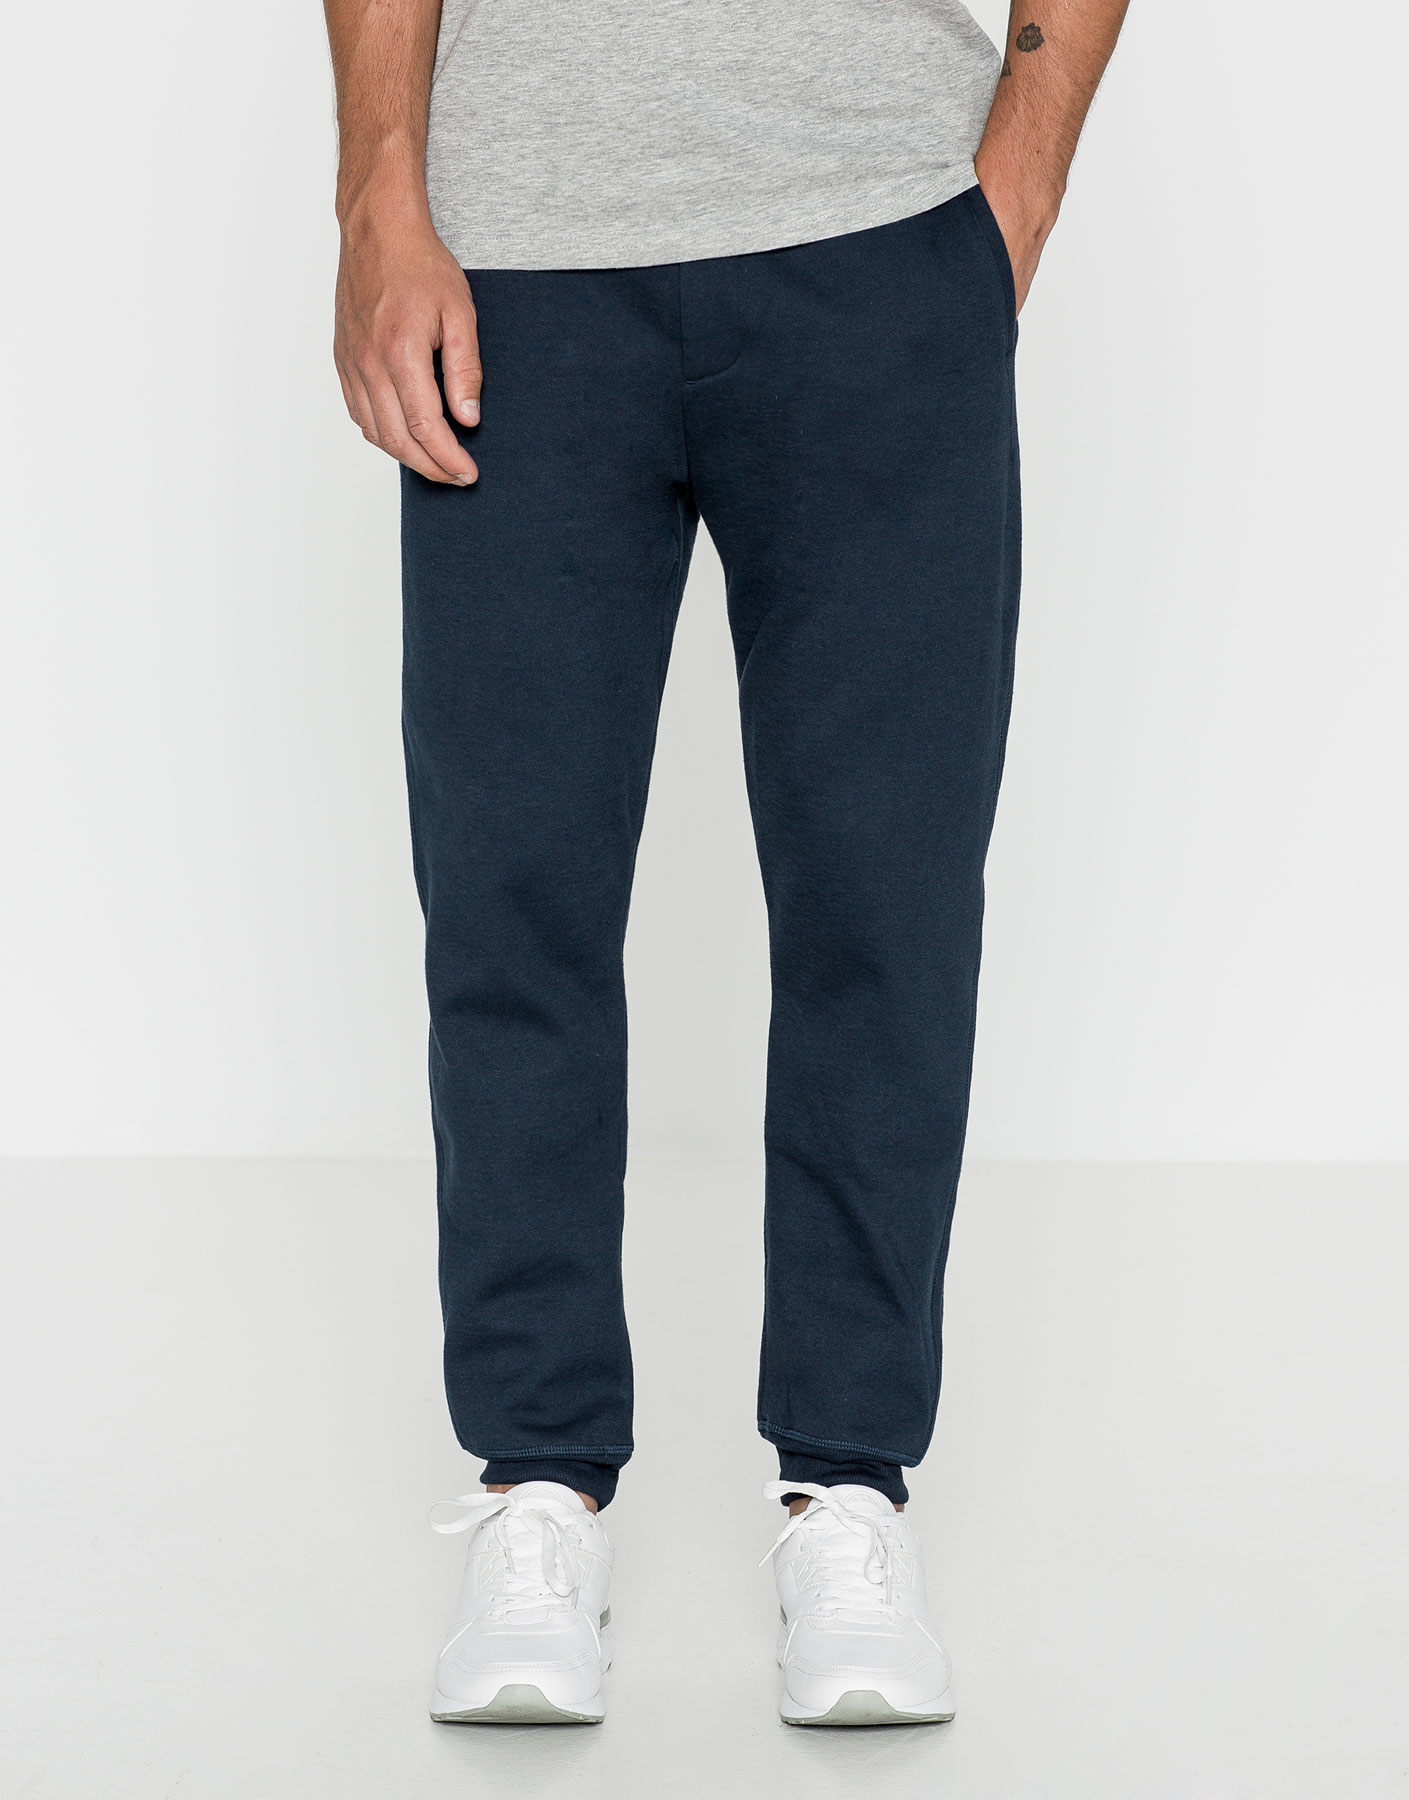 Pantalons jòguing punys